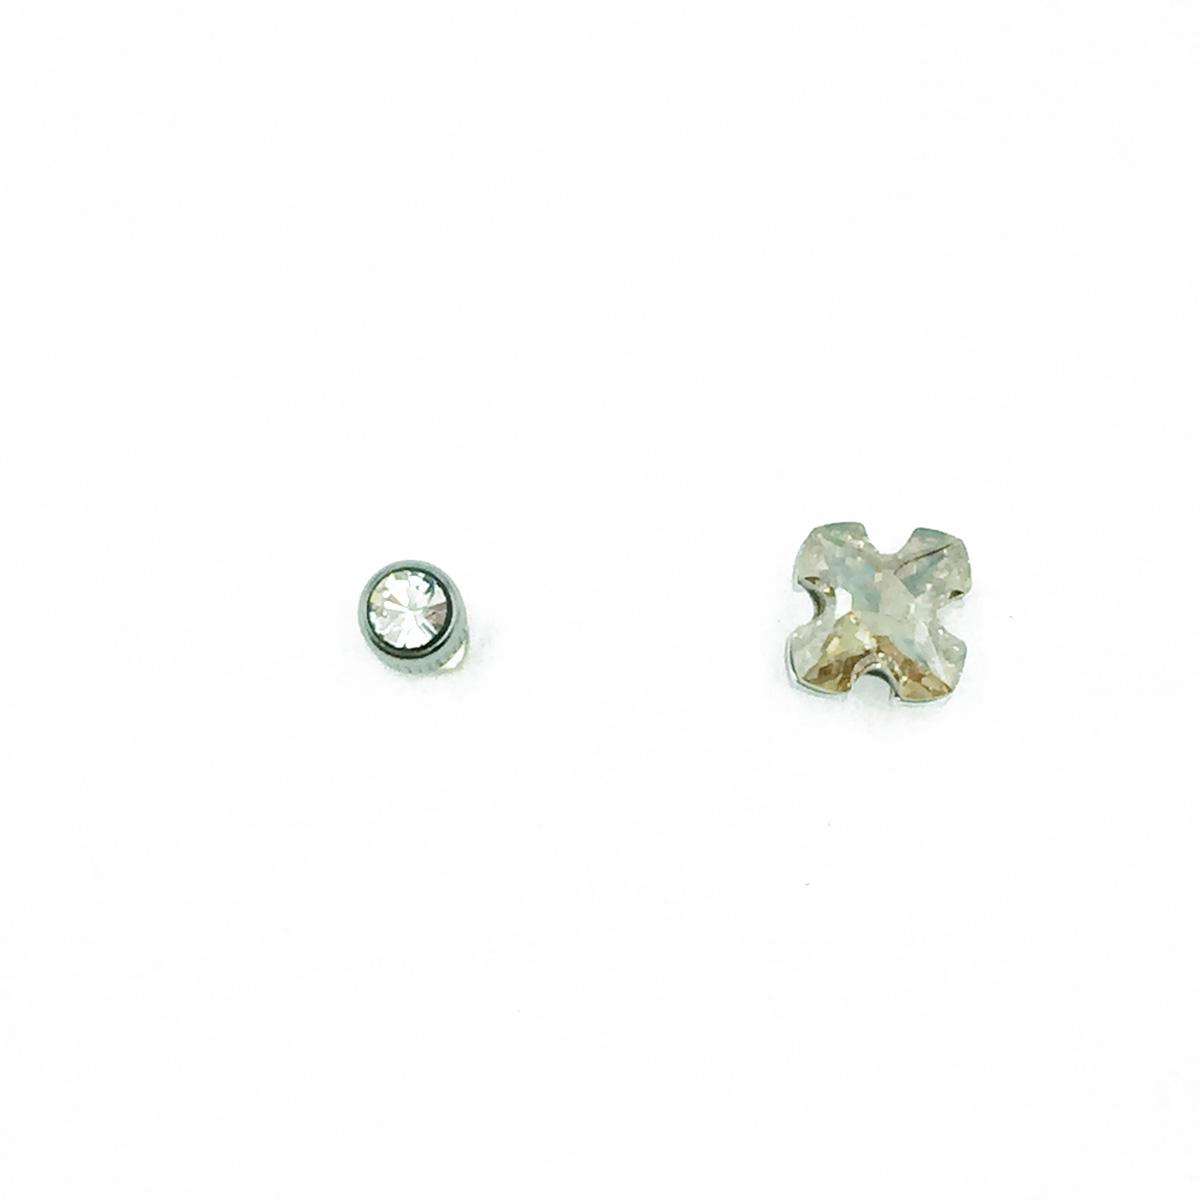 不鏽鋼 水鑽 單鑽 後轉式針式耳環